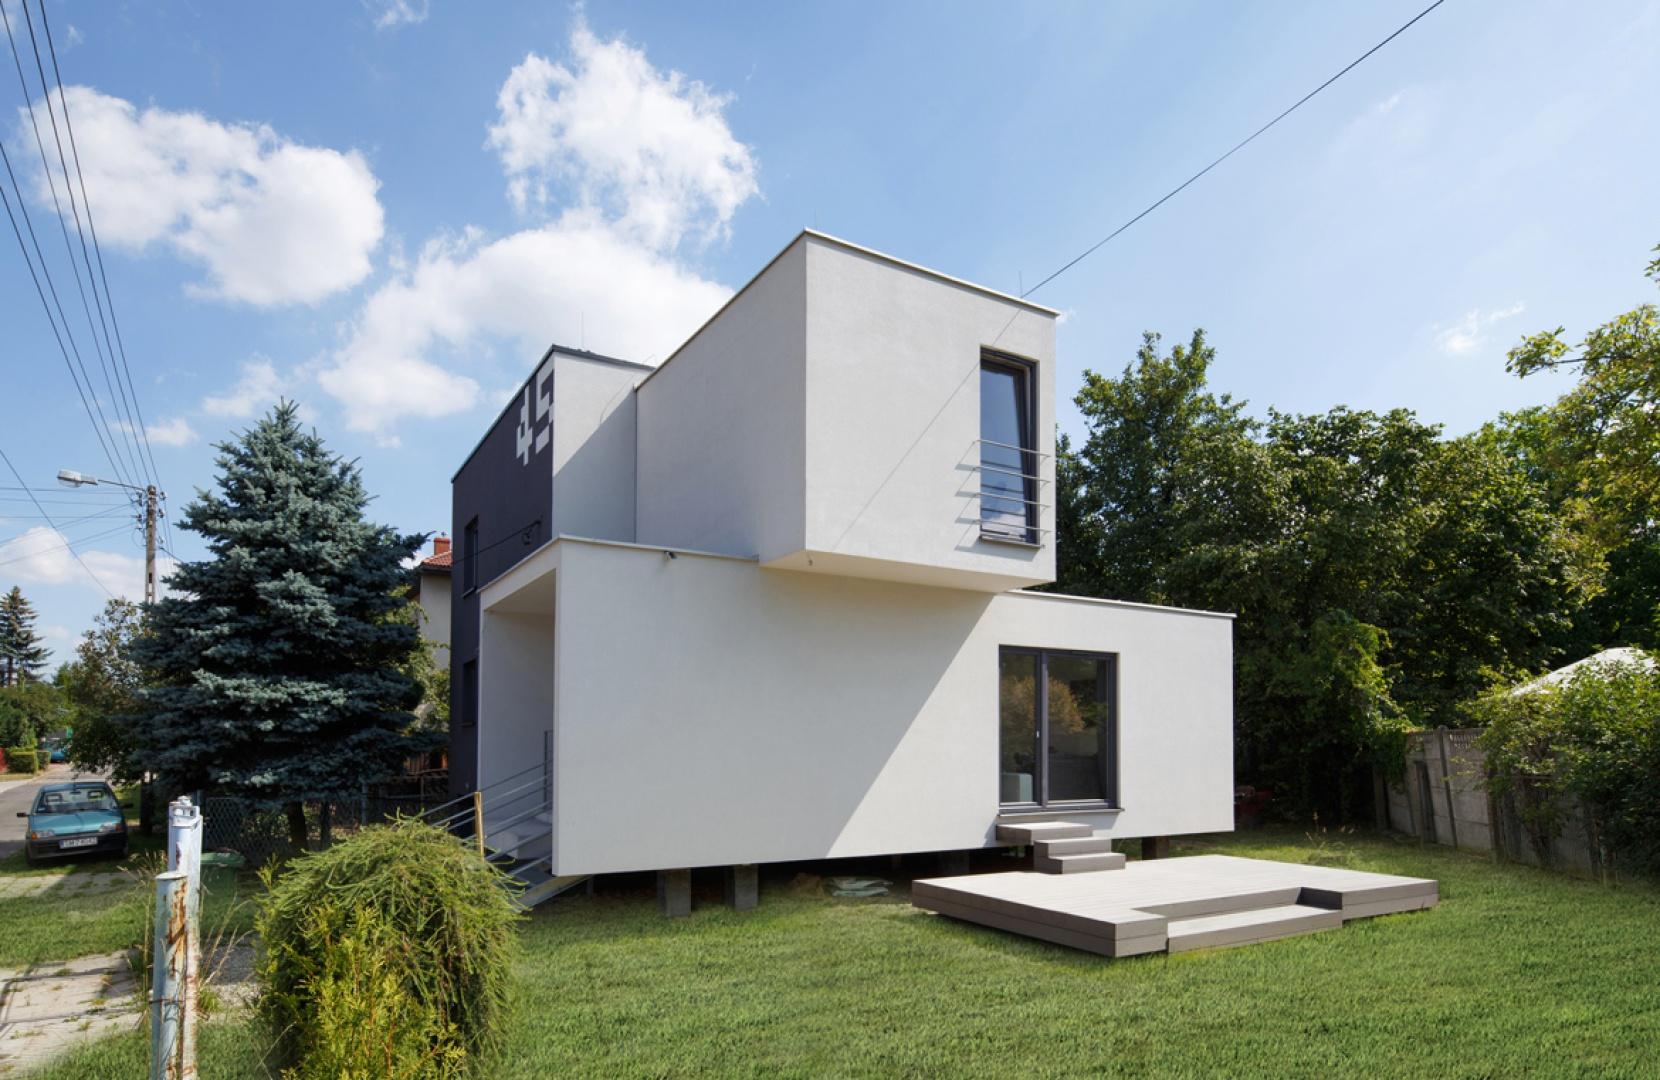 Jednym z podstawowych założeń projektu była reorganizacja układu funkcjonalnego domu, zarówno w warstwie wnętrz jak i przestrzeni otaczającej. Fot. Materiały prasowe